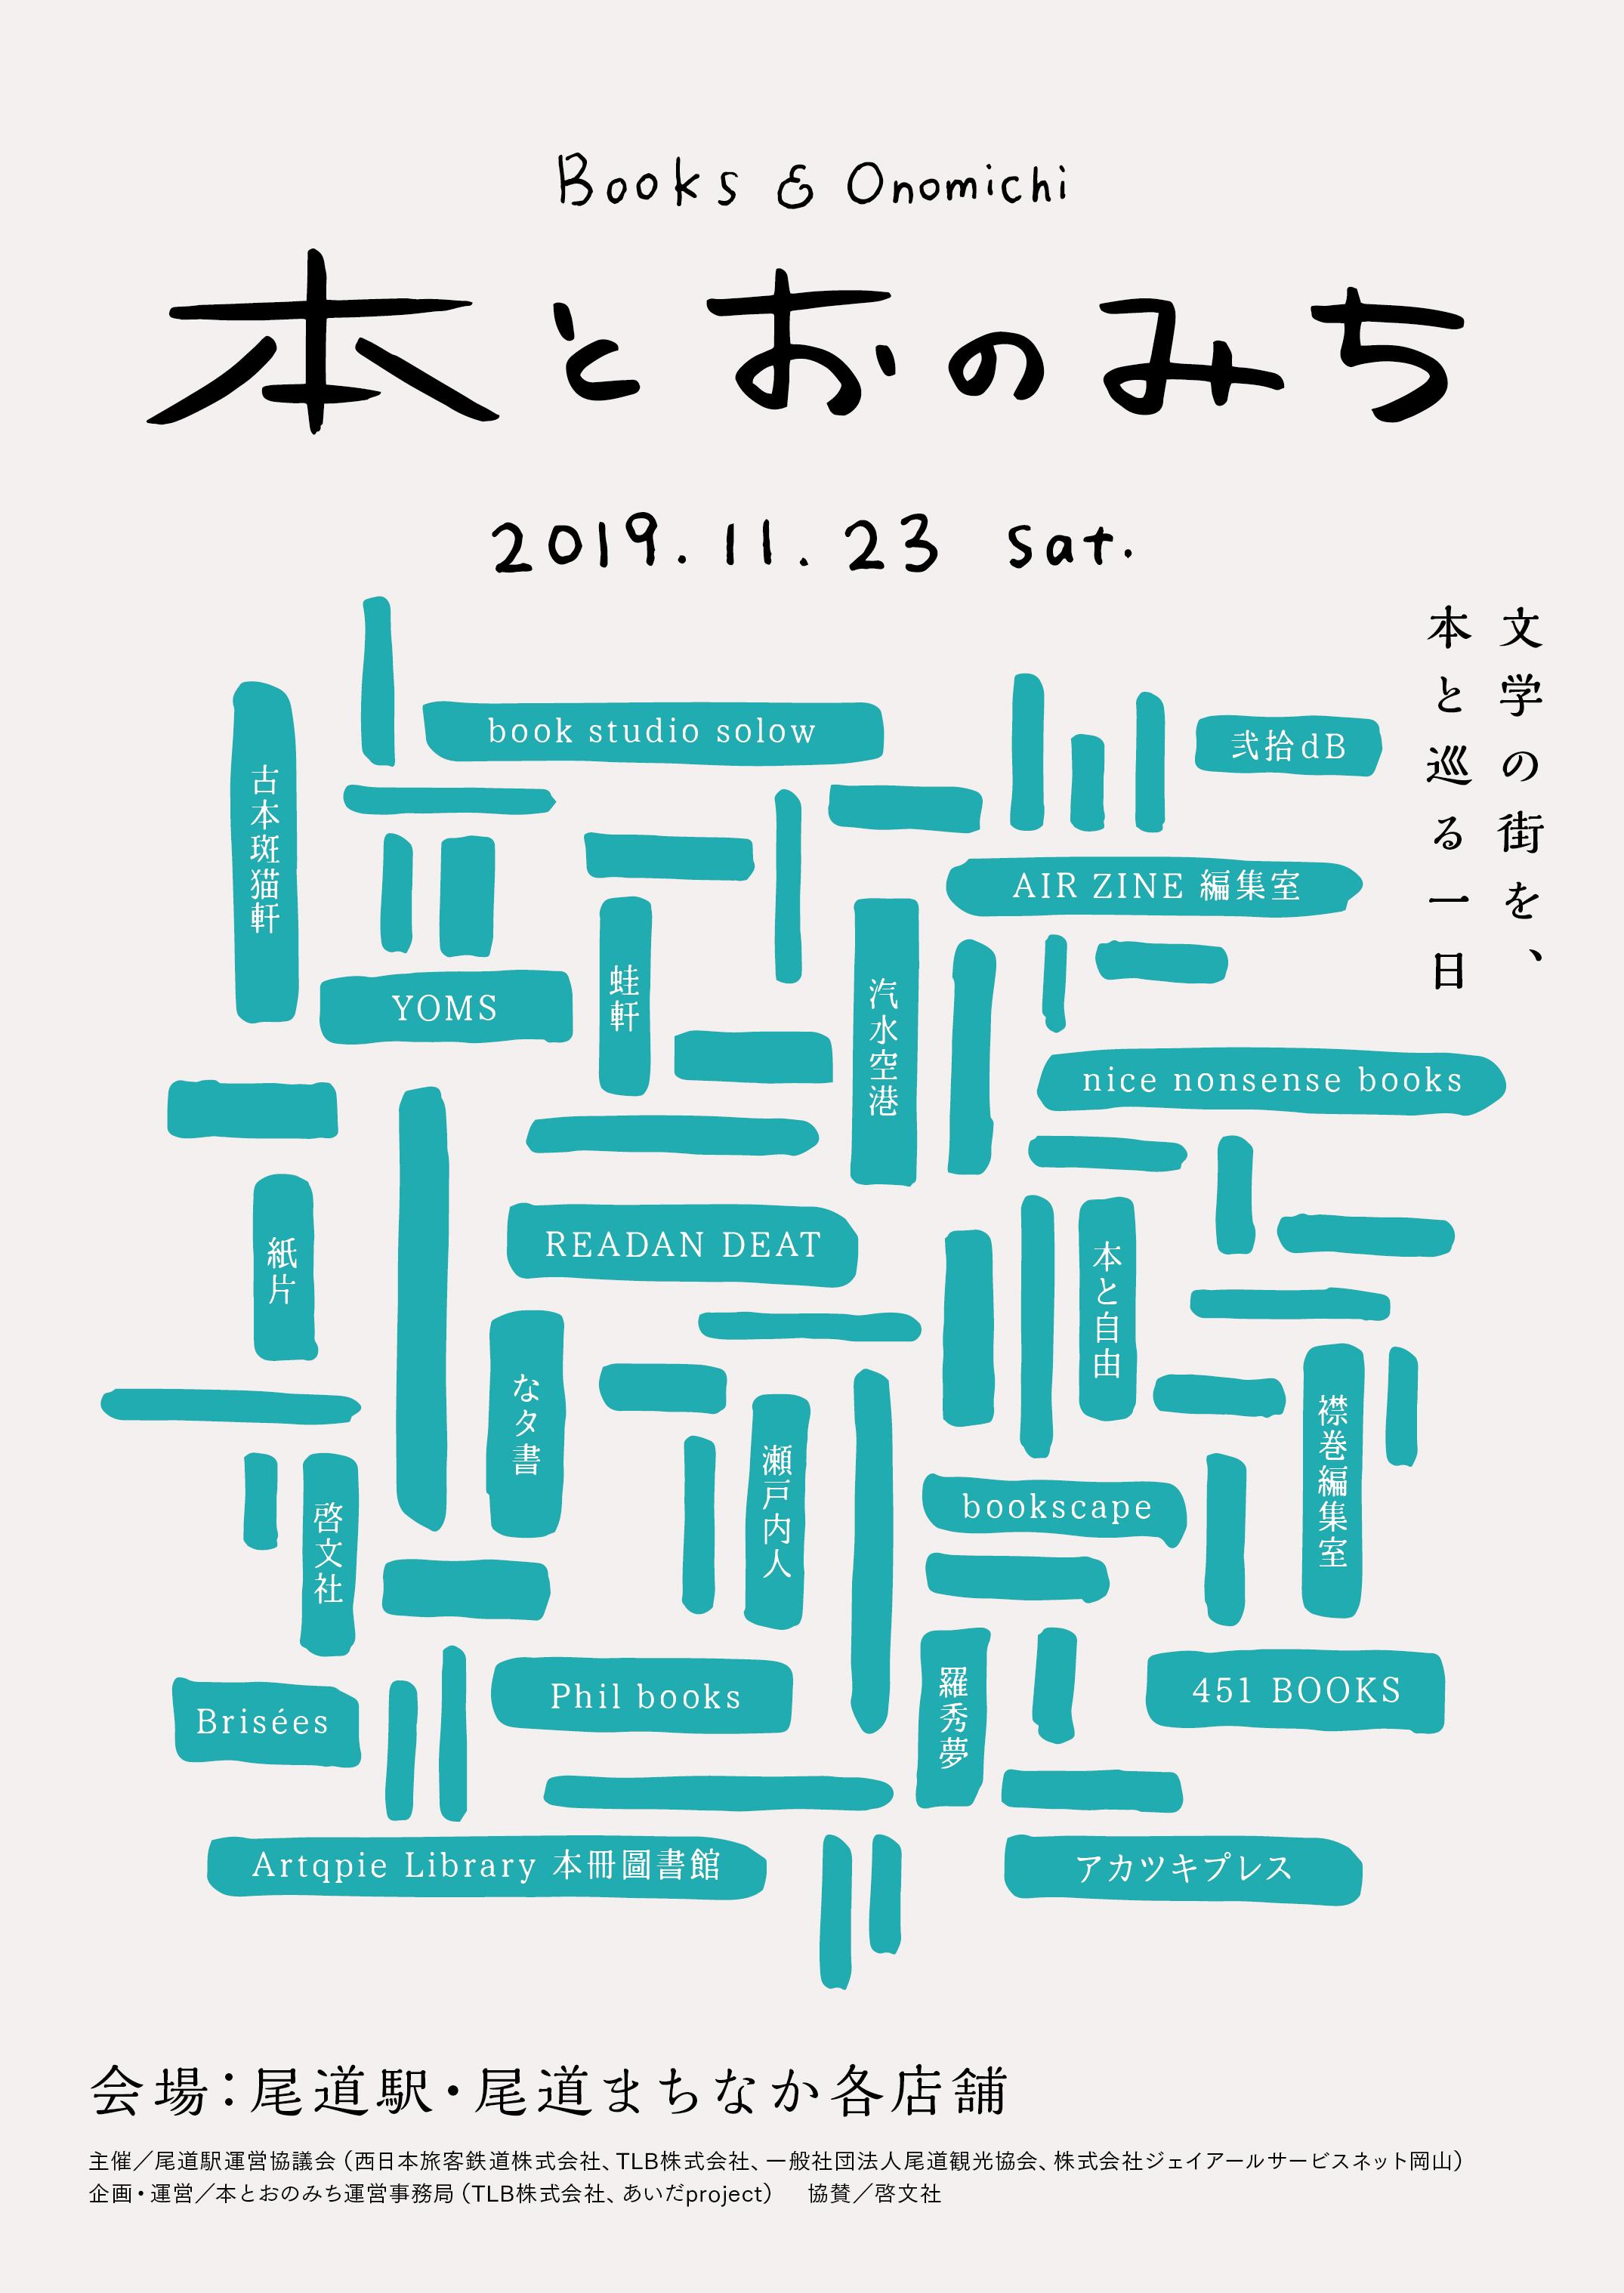 「本とおのみち」瀬戸内エリアの個性派書店が尾道に集合